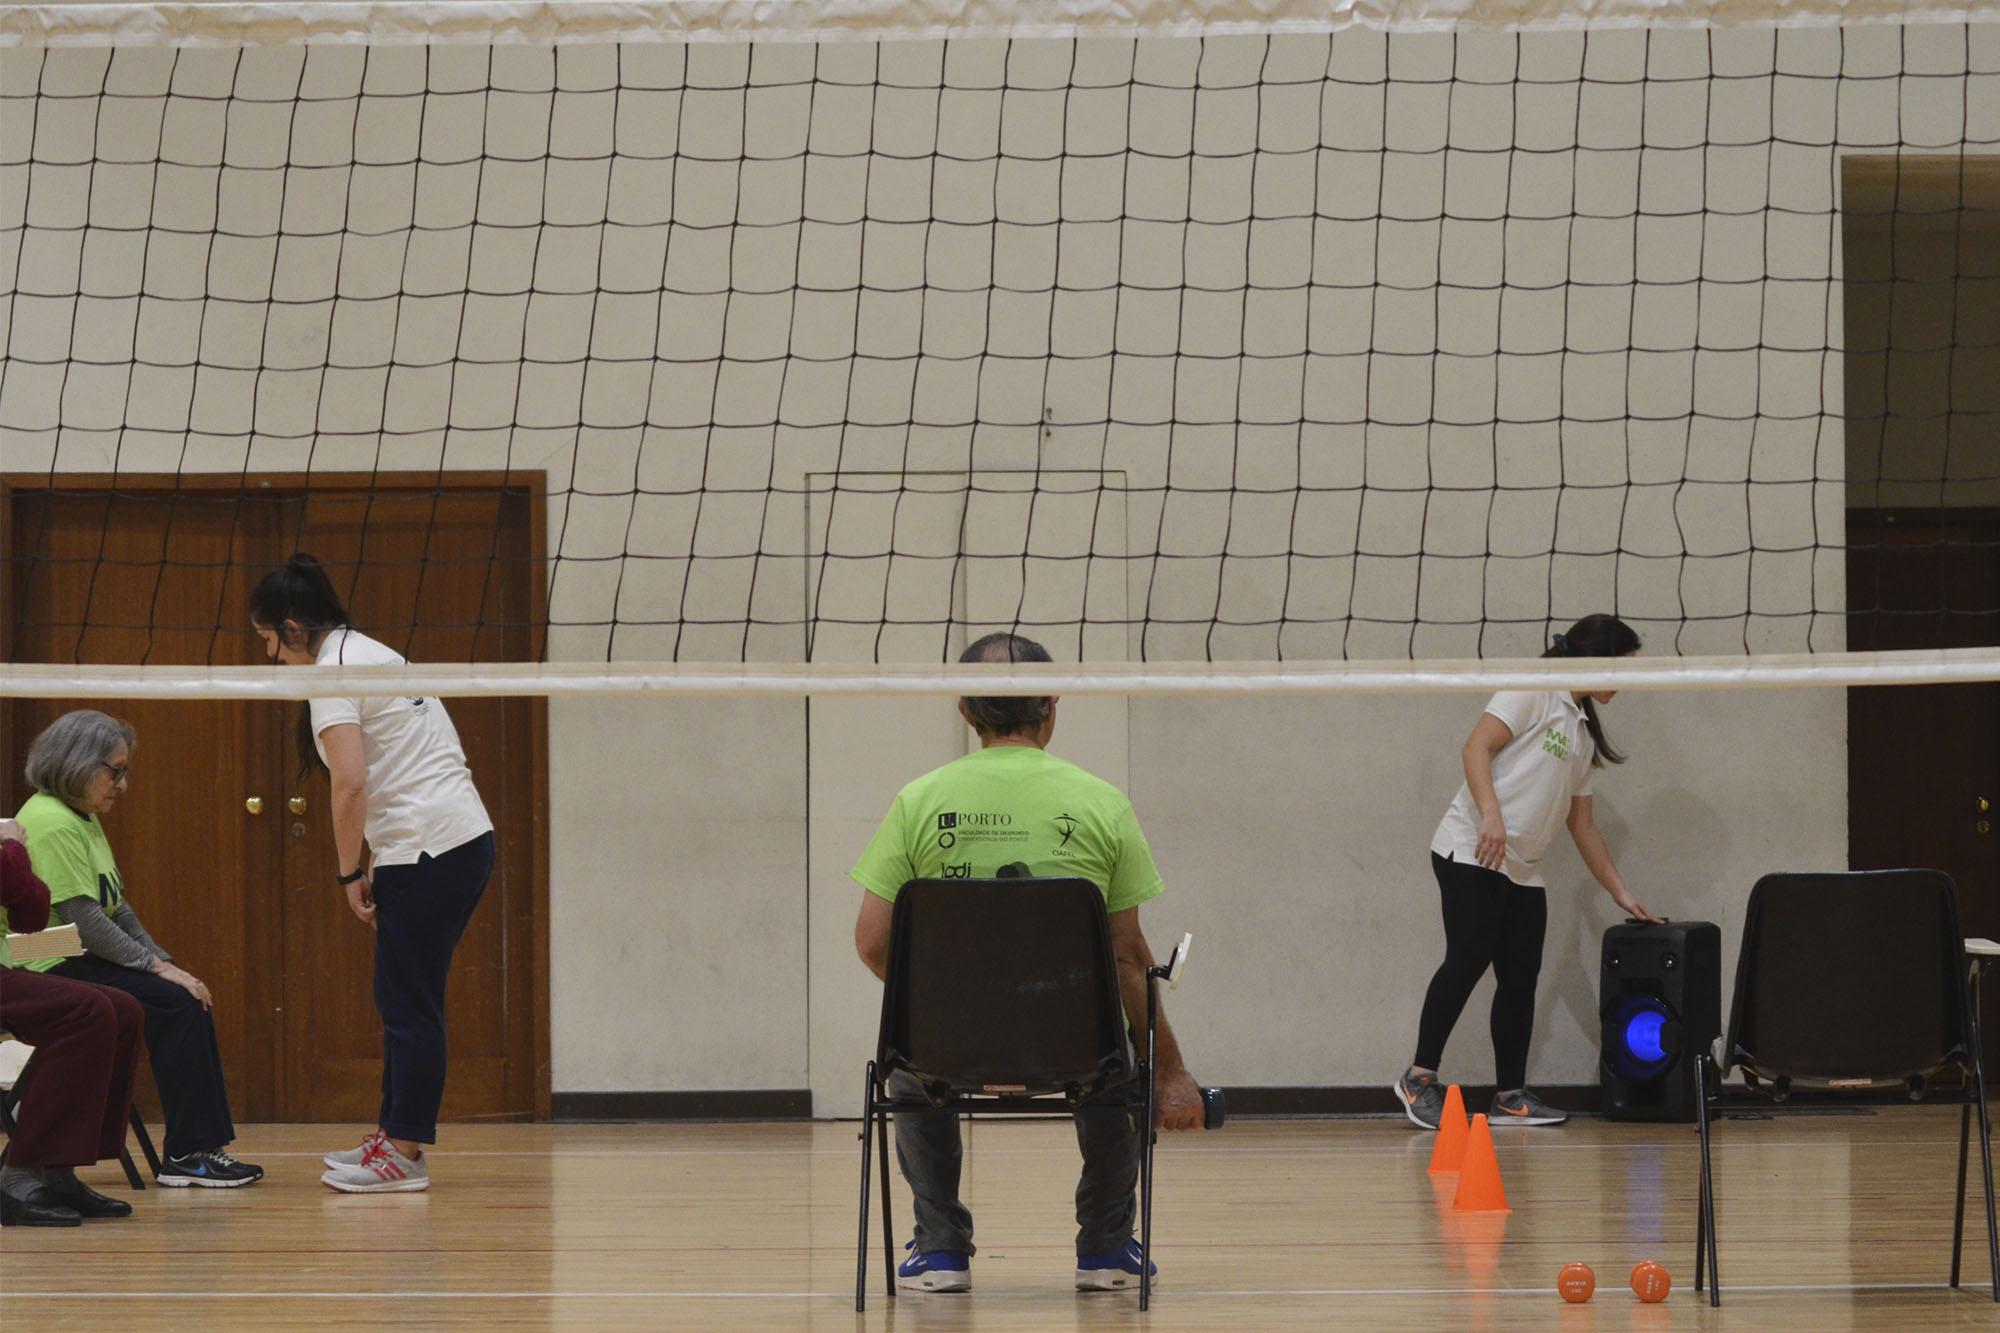 Os treinos são lecionados porlicenciados em ciências do desporto e mestres em atividade física.